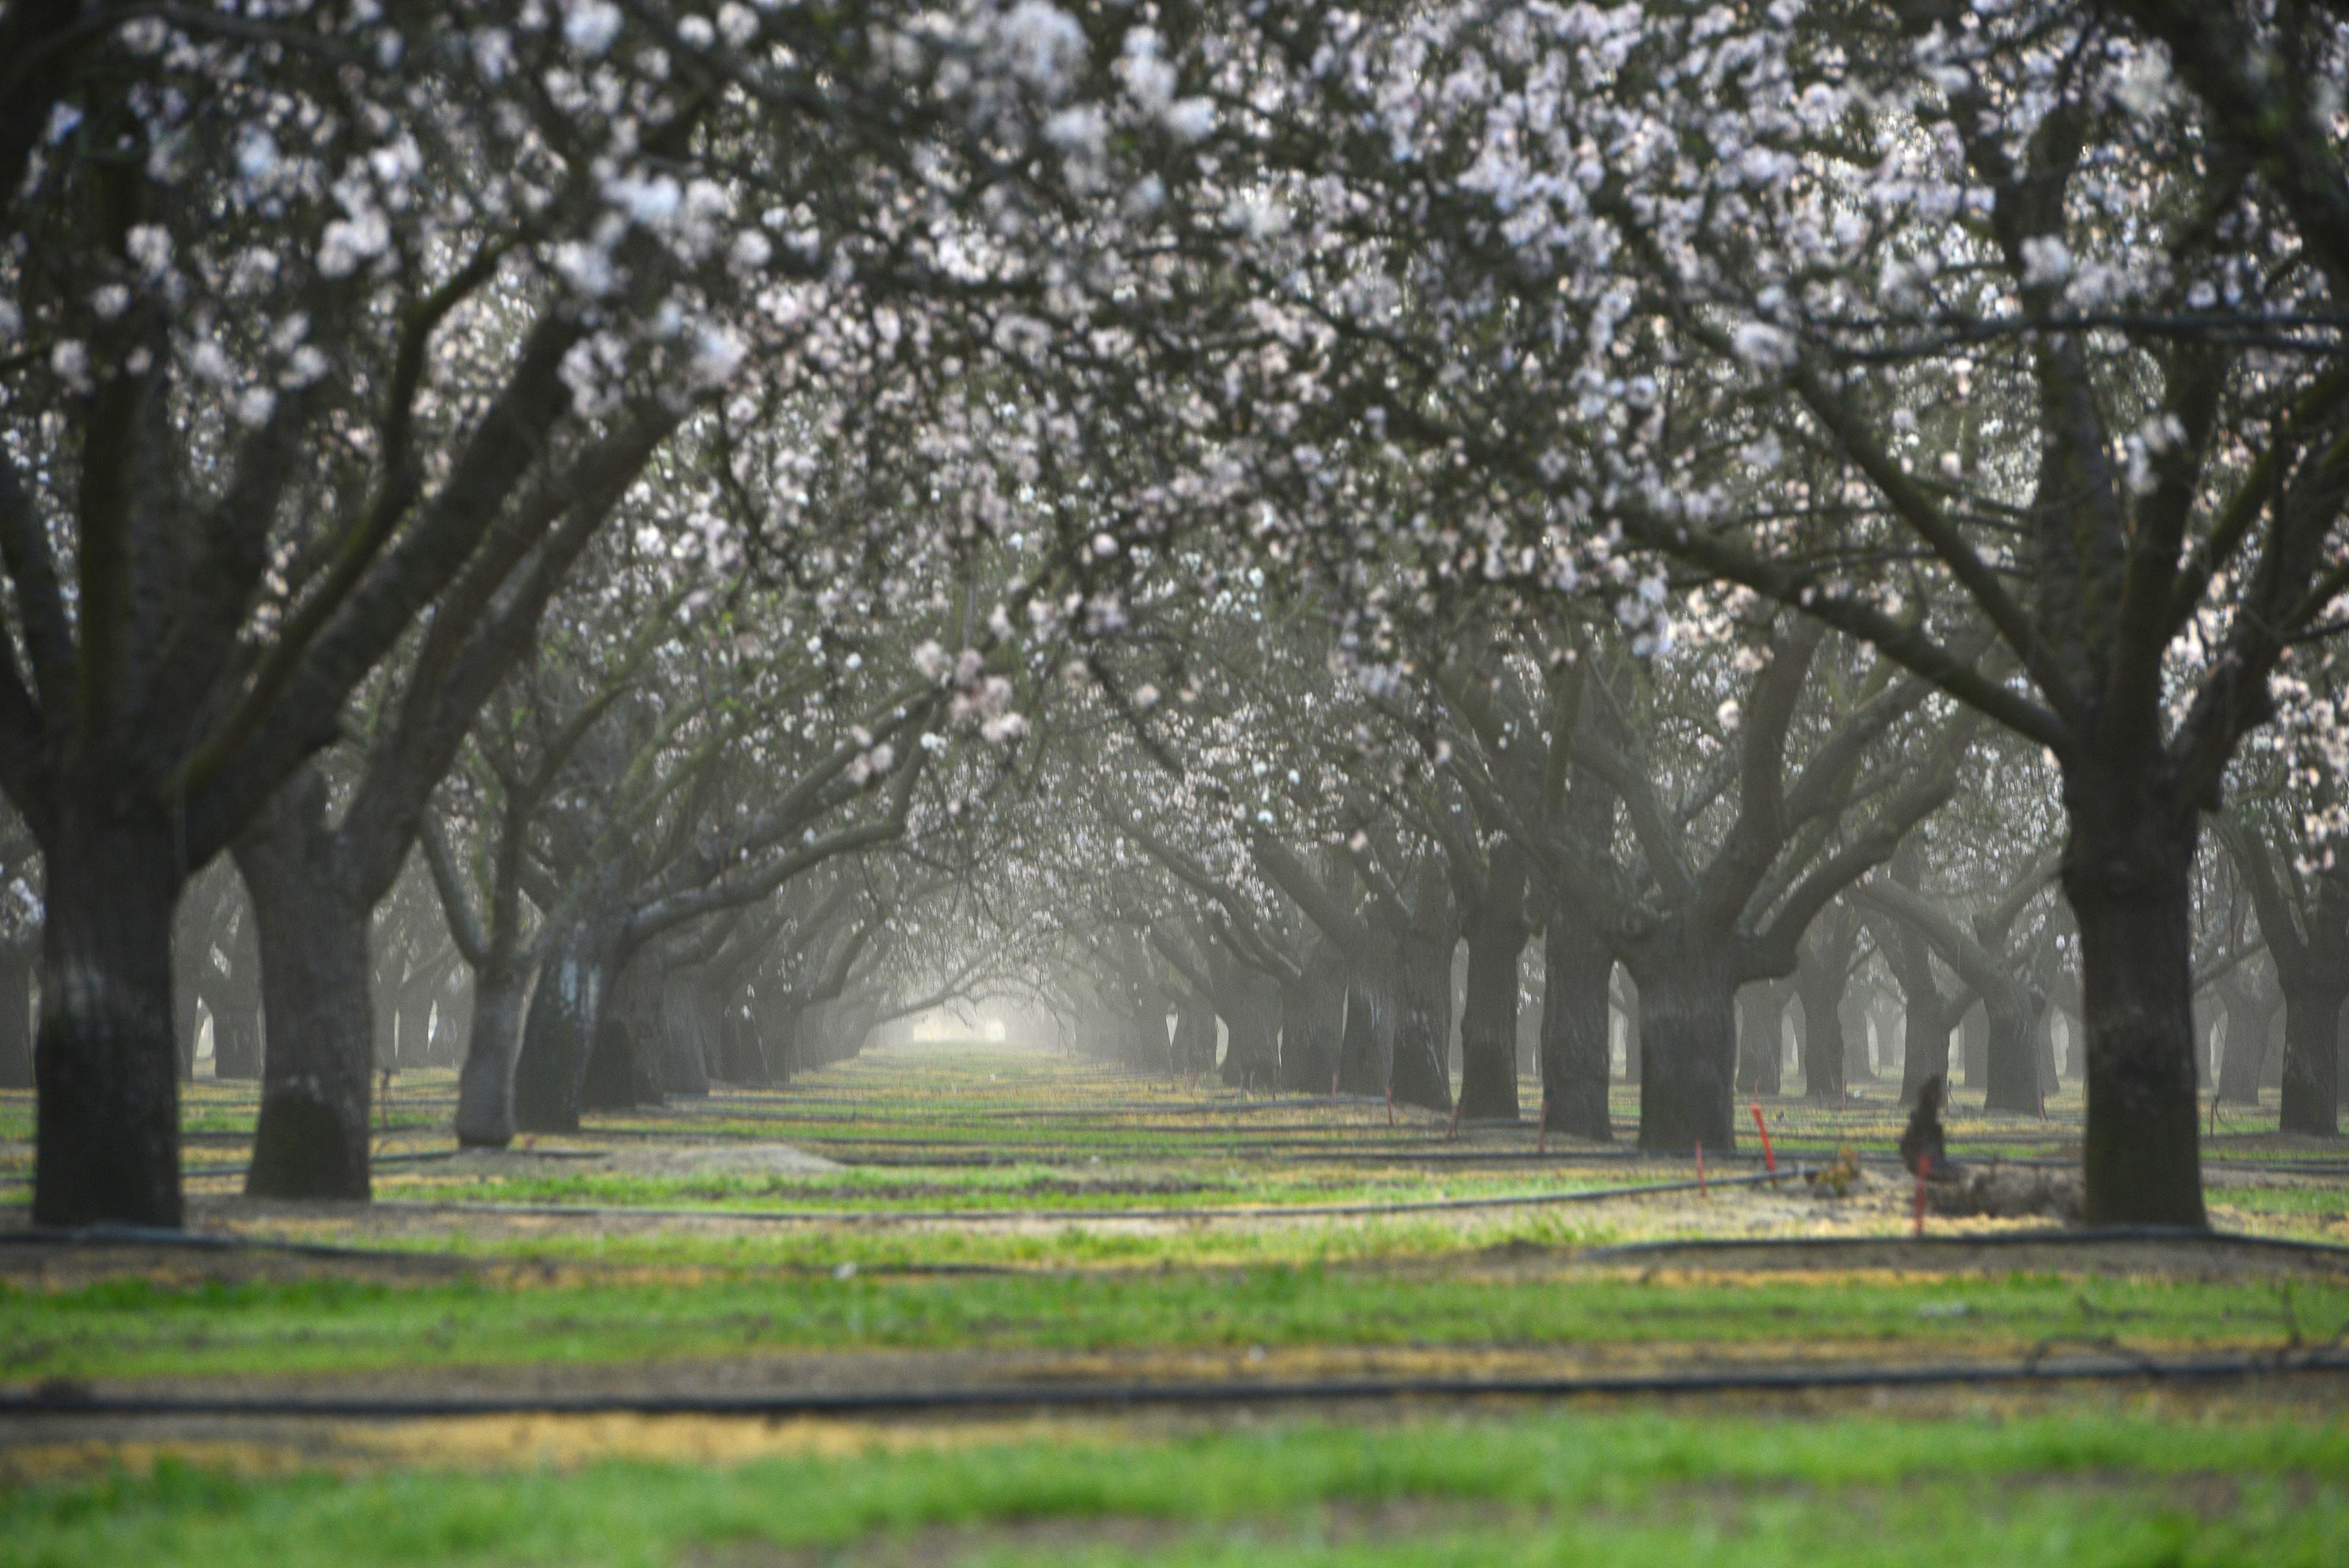 Almond Farm Flower Blooming in Clovis, CA